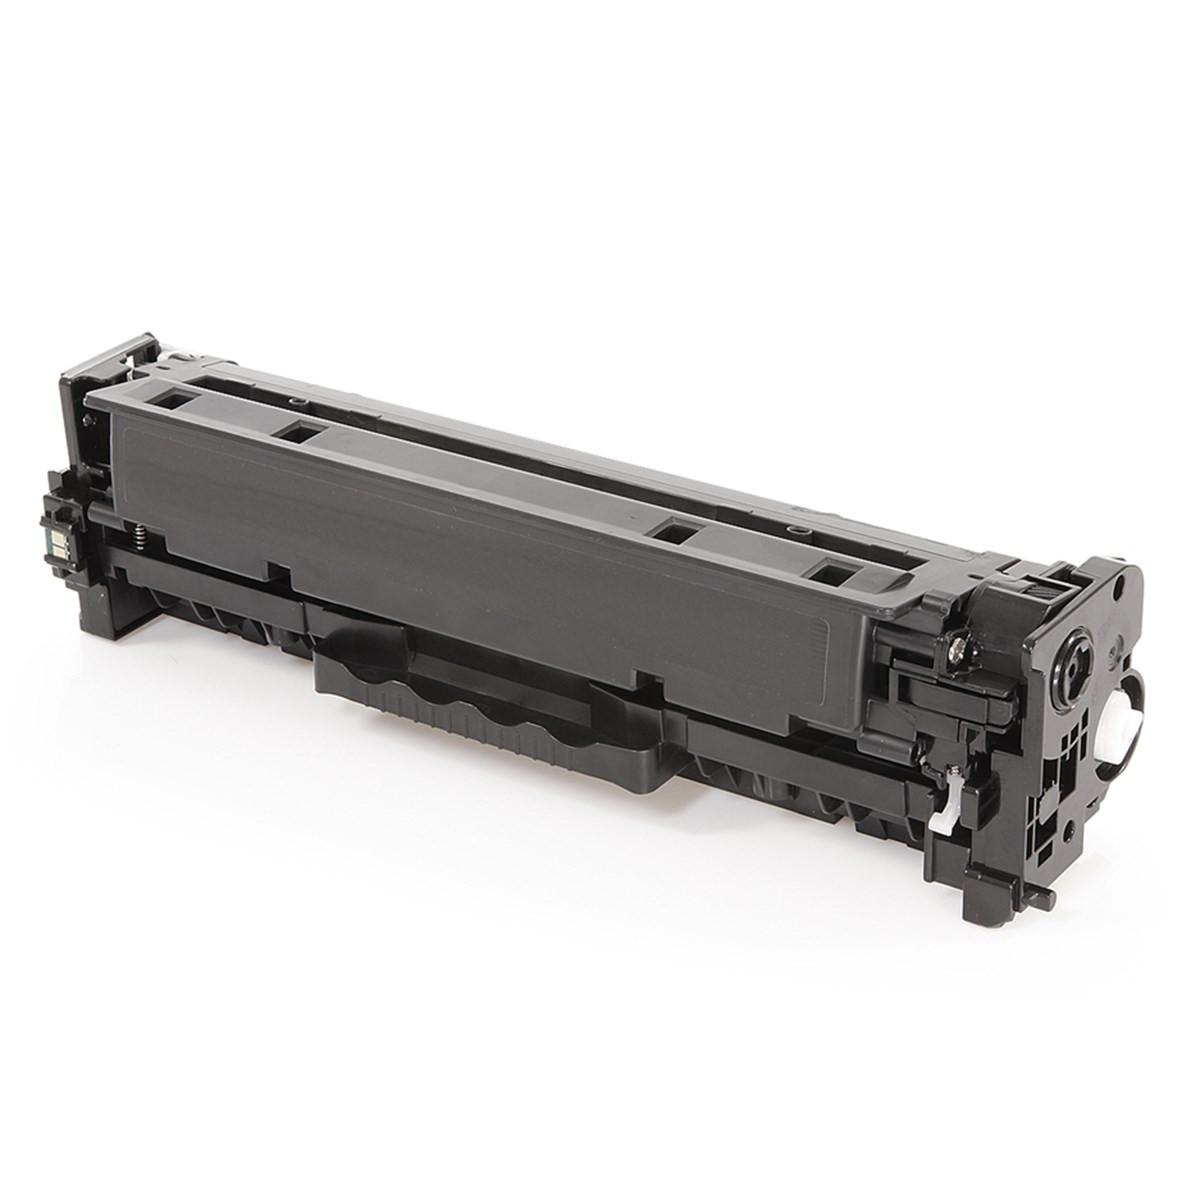 Toner Compatível com HP CC531A 304A Ciano Universal | CM2320 CP2025 CM2320N | Premium 2.8k